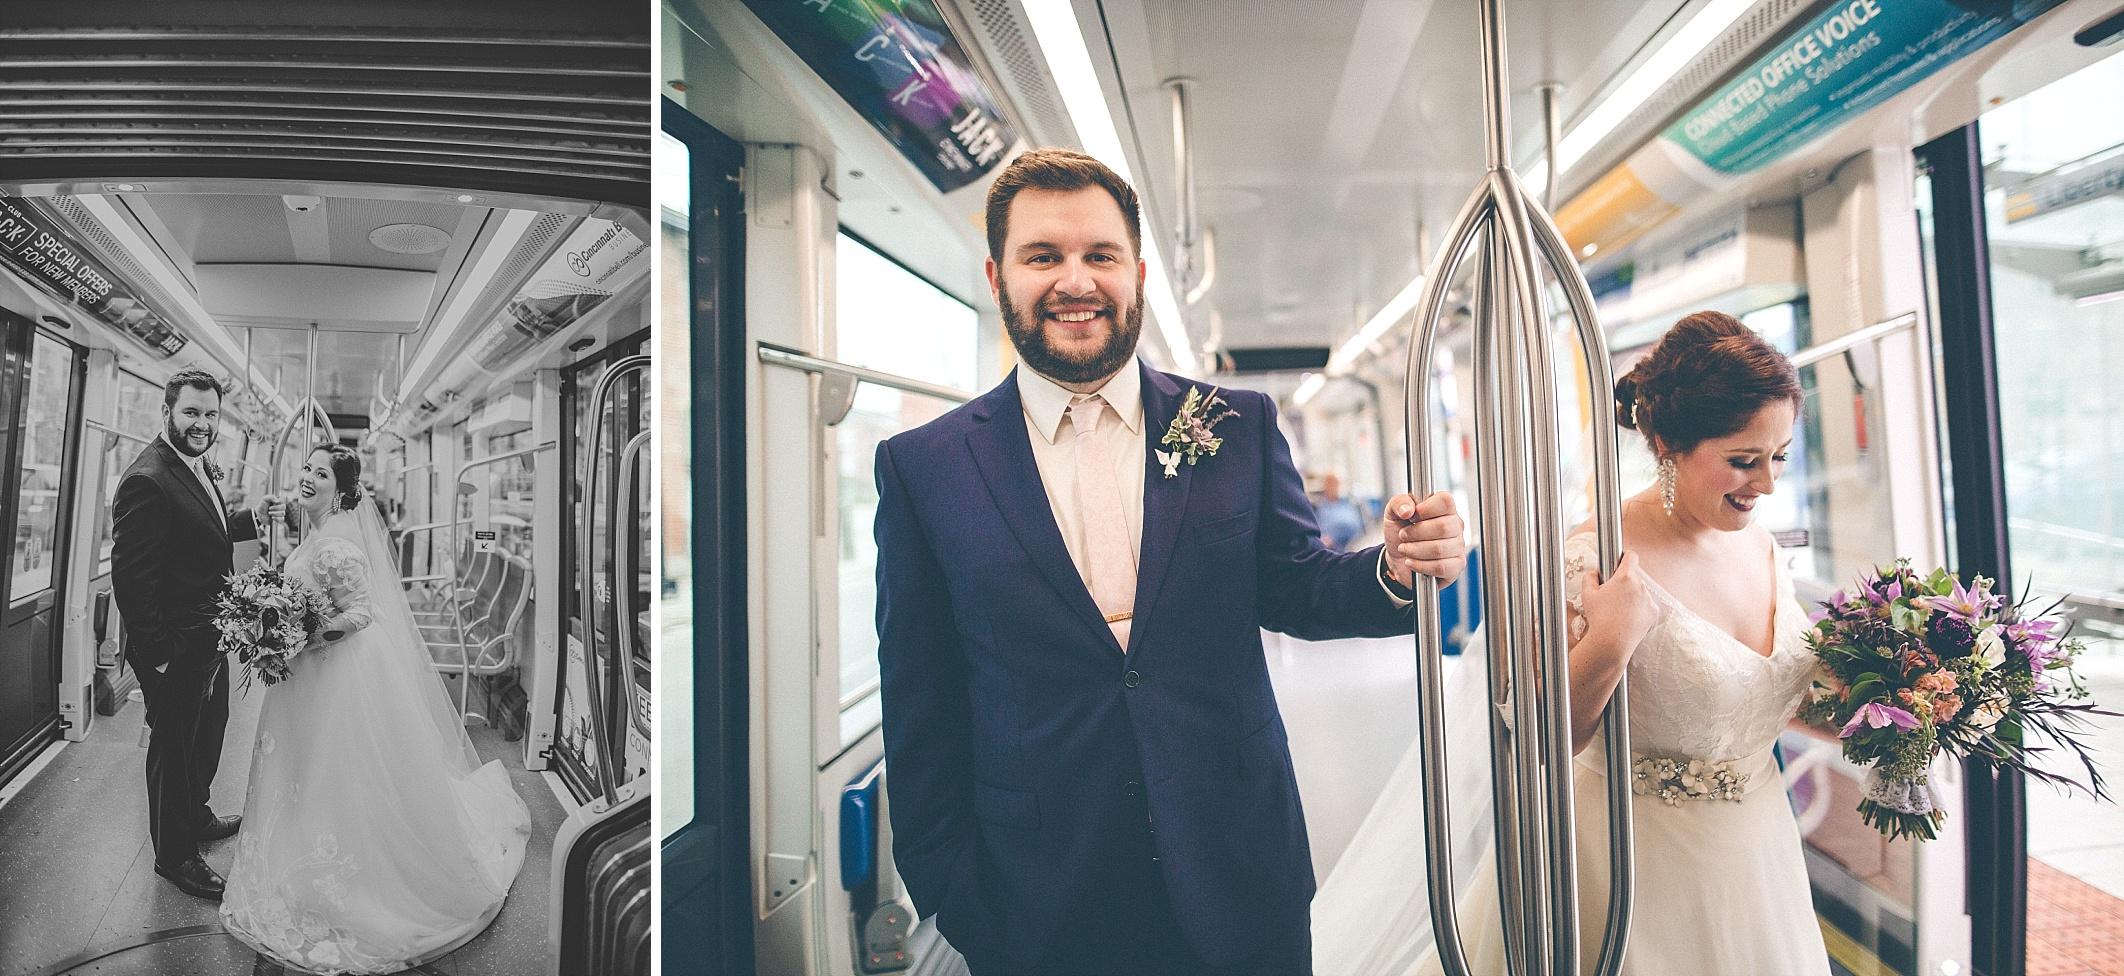 hilary-aaron-cincinnati-trancept-wedding-photographer-dayton-ohio_0015.jpg